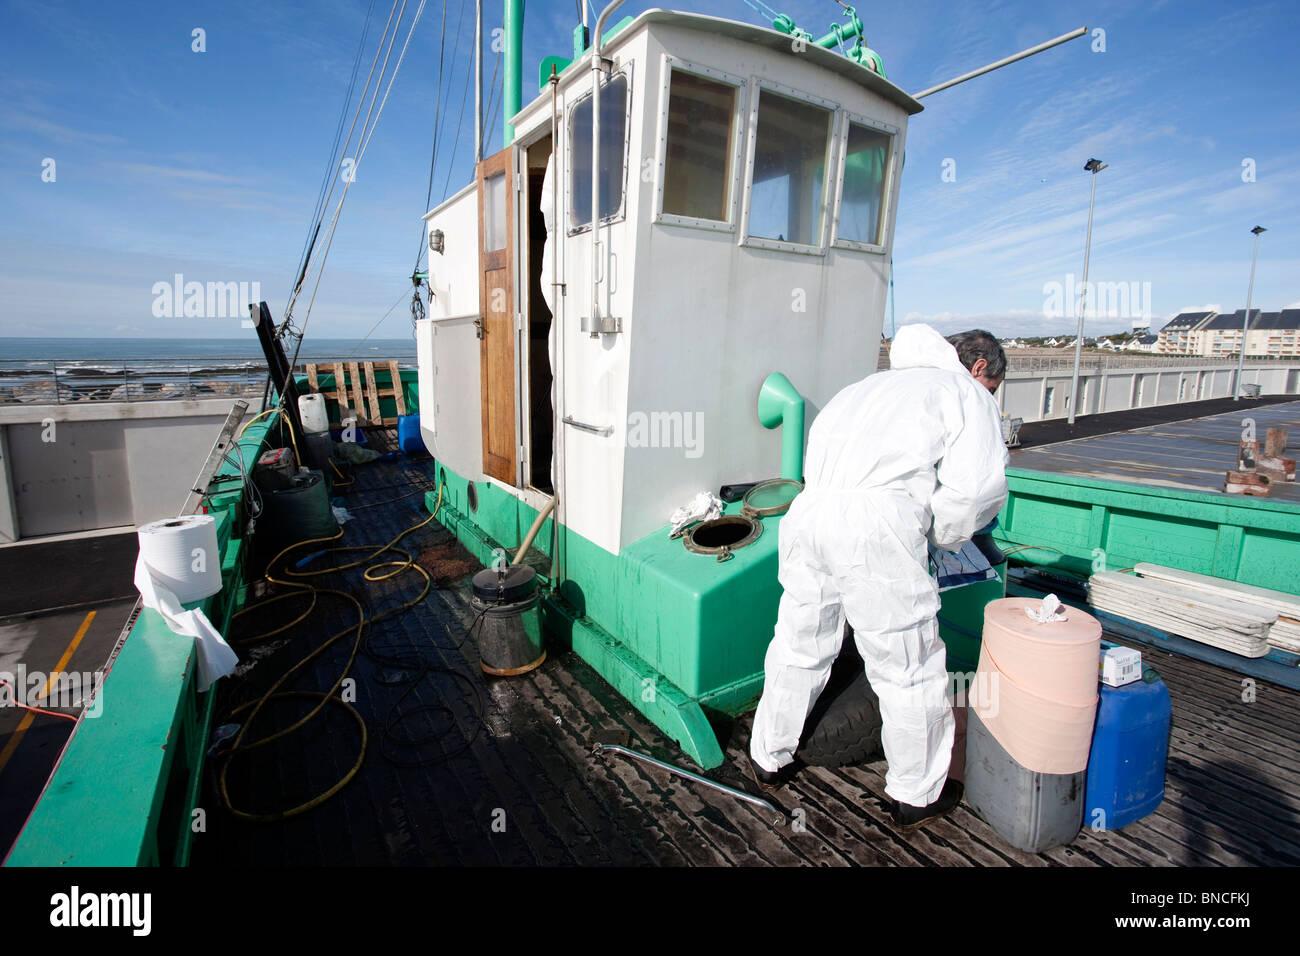 Il mantenimento di una barca nel bacino di carenaggio Immagini Stock